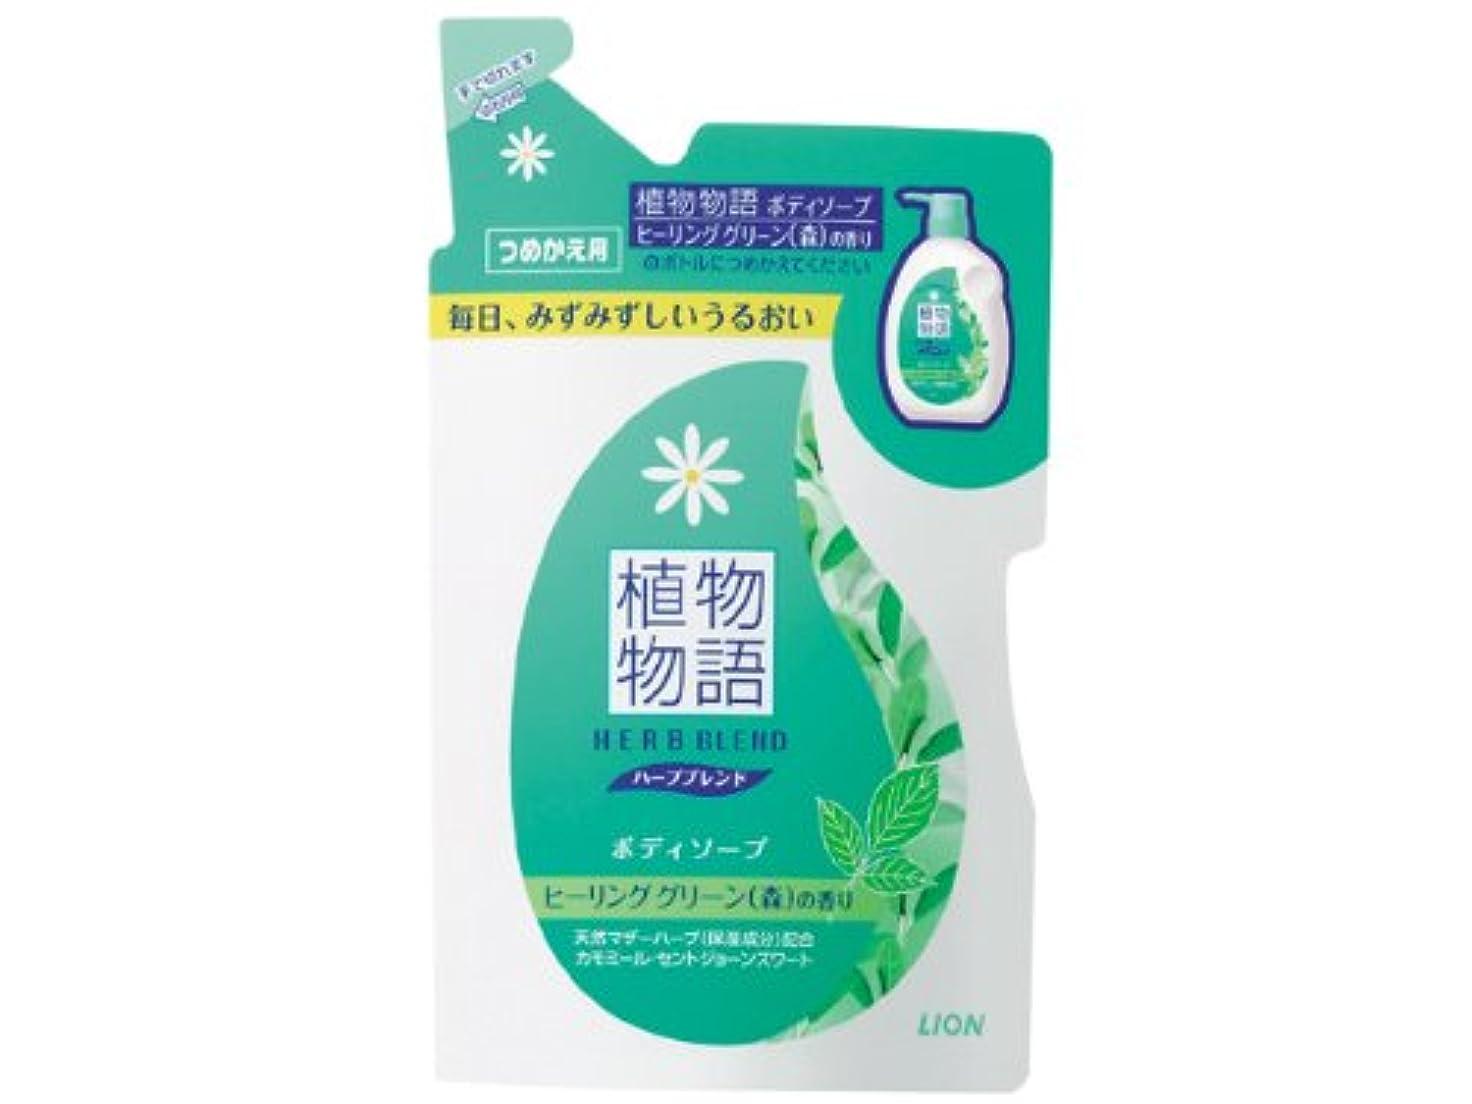 ホーム枠時間とともに植物物語 ハーブブレンド ボディソープ ヒーリンググリーン(森)の香り つめかえ用 420ml